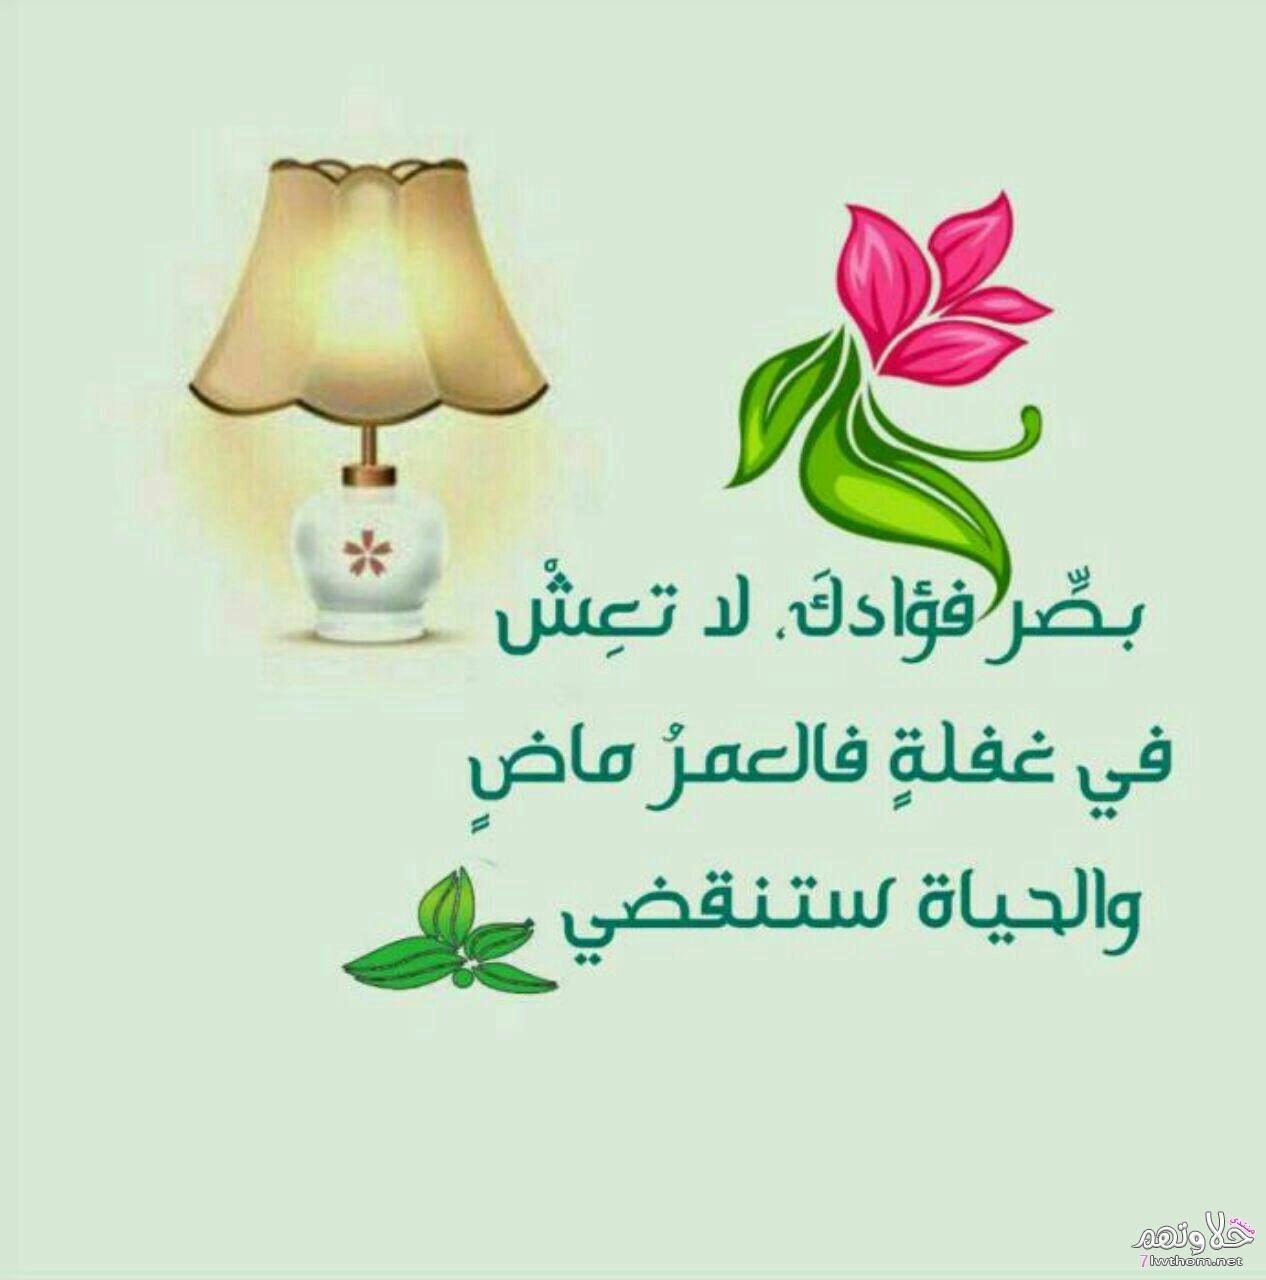 صوردينيه للفيس بوك اجمل بوسترات اسلاميه روح اطفال